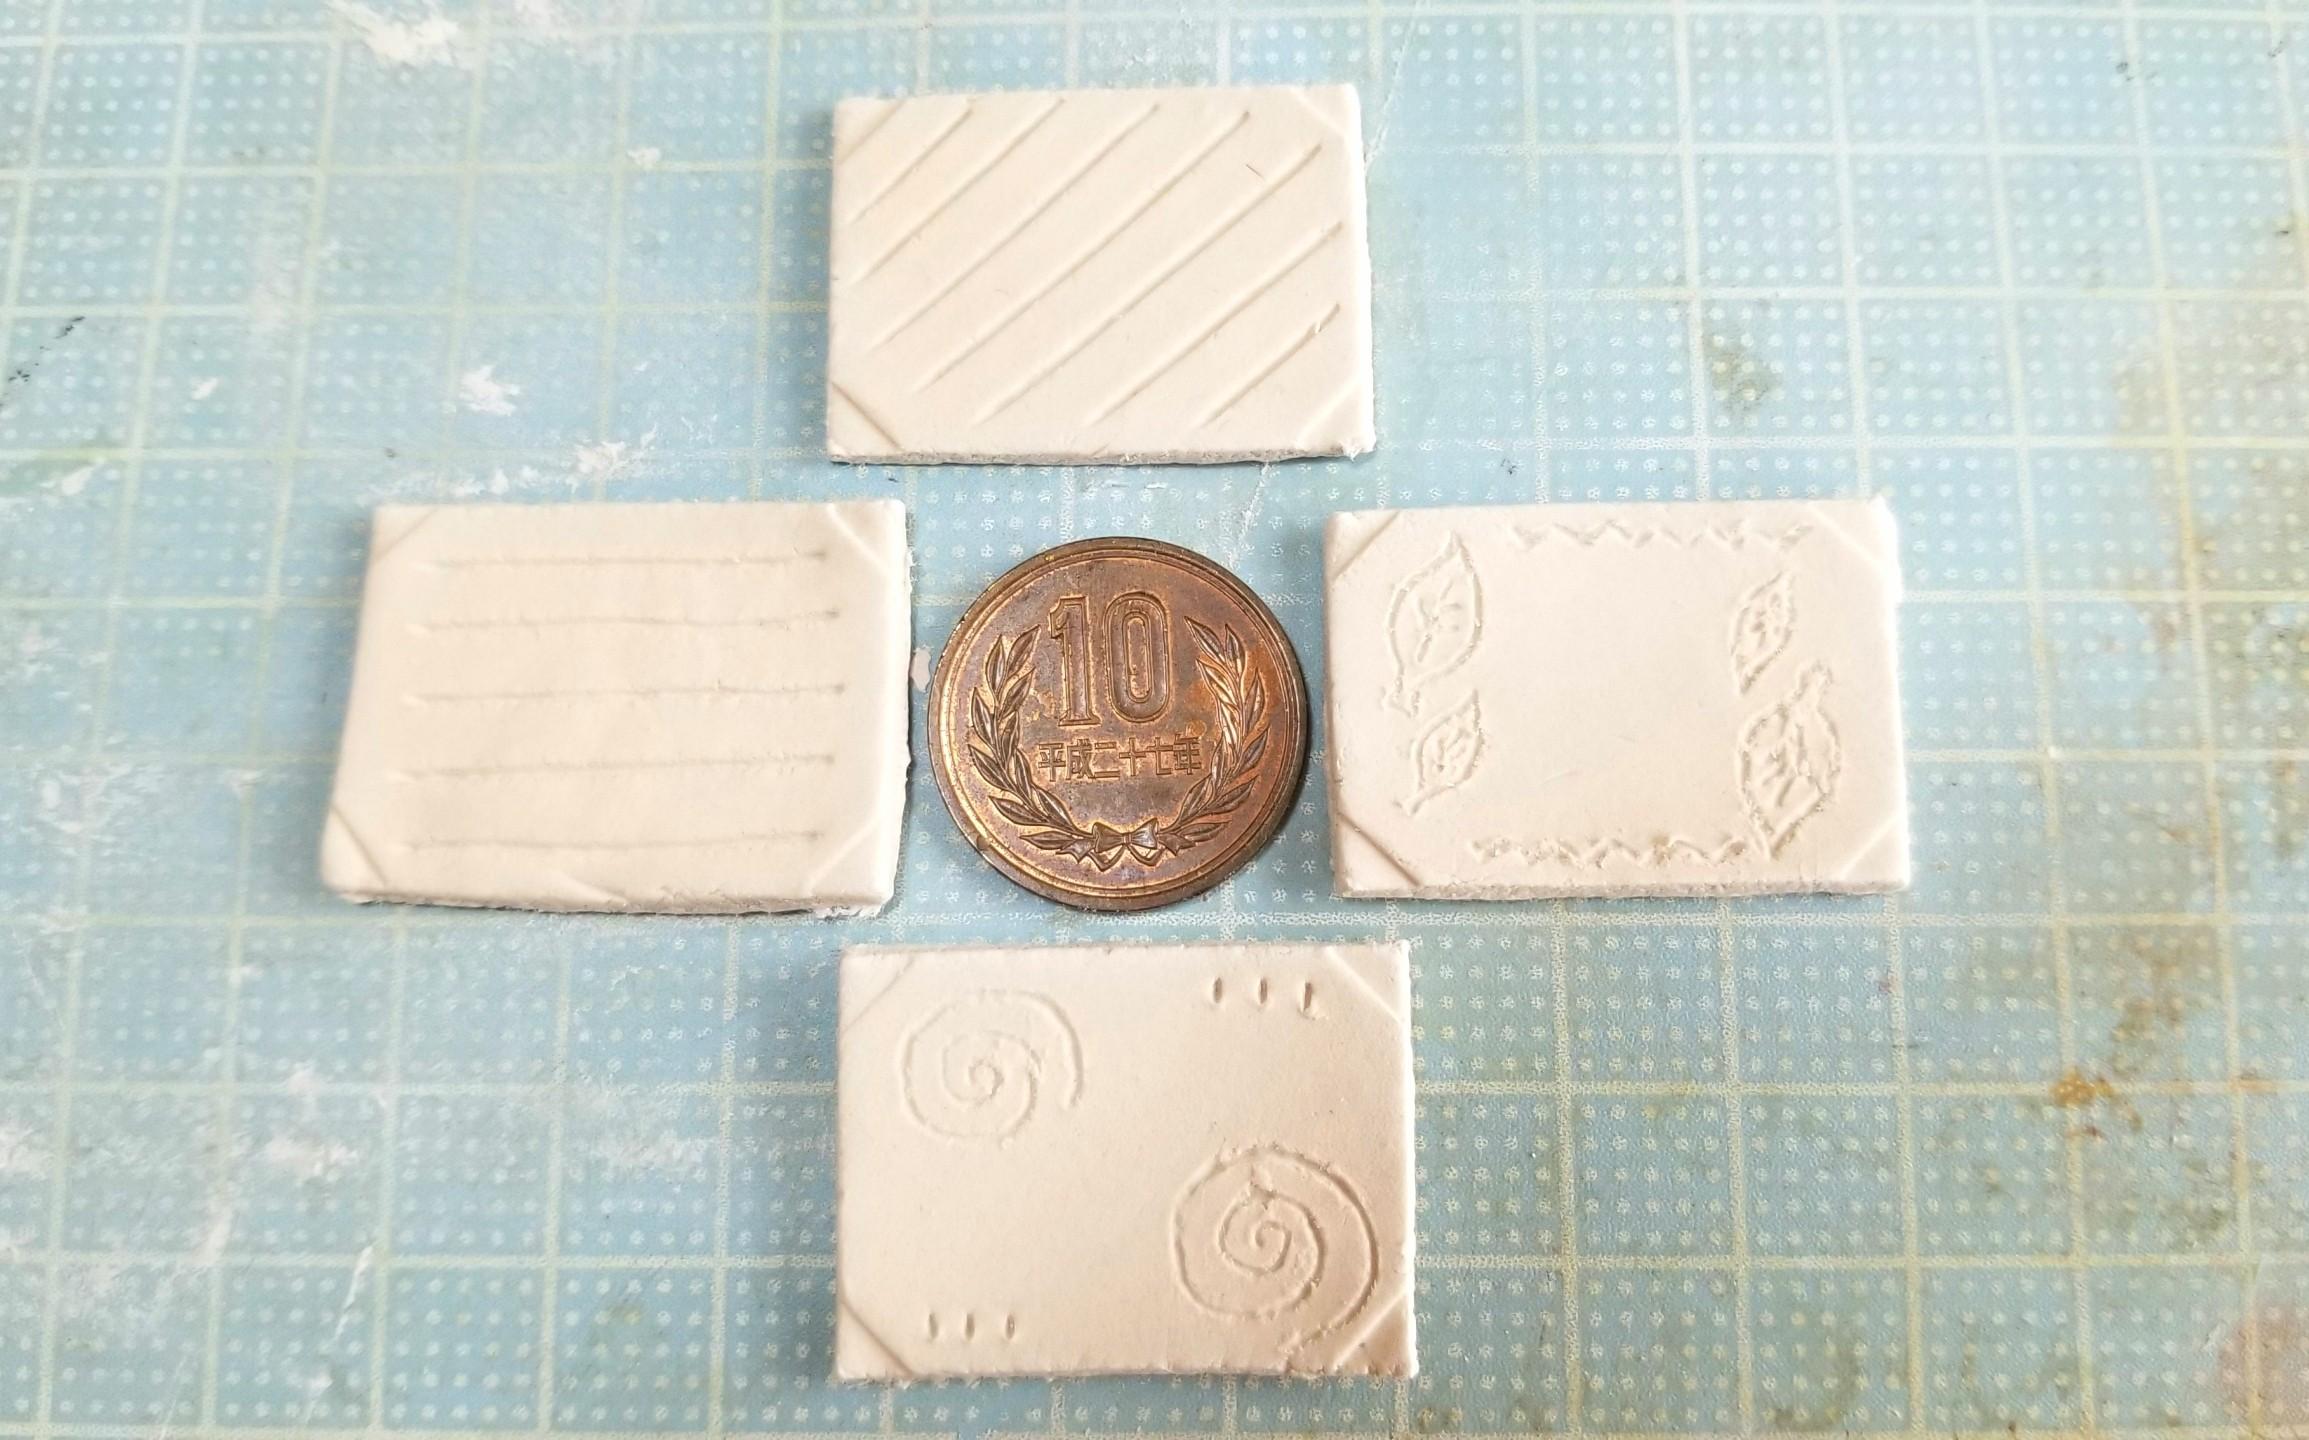 ミニチュア,和食器の作り方,石塑粘土,樹脂粘土,ハンドメイド